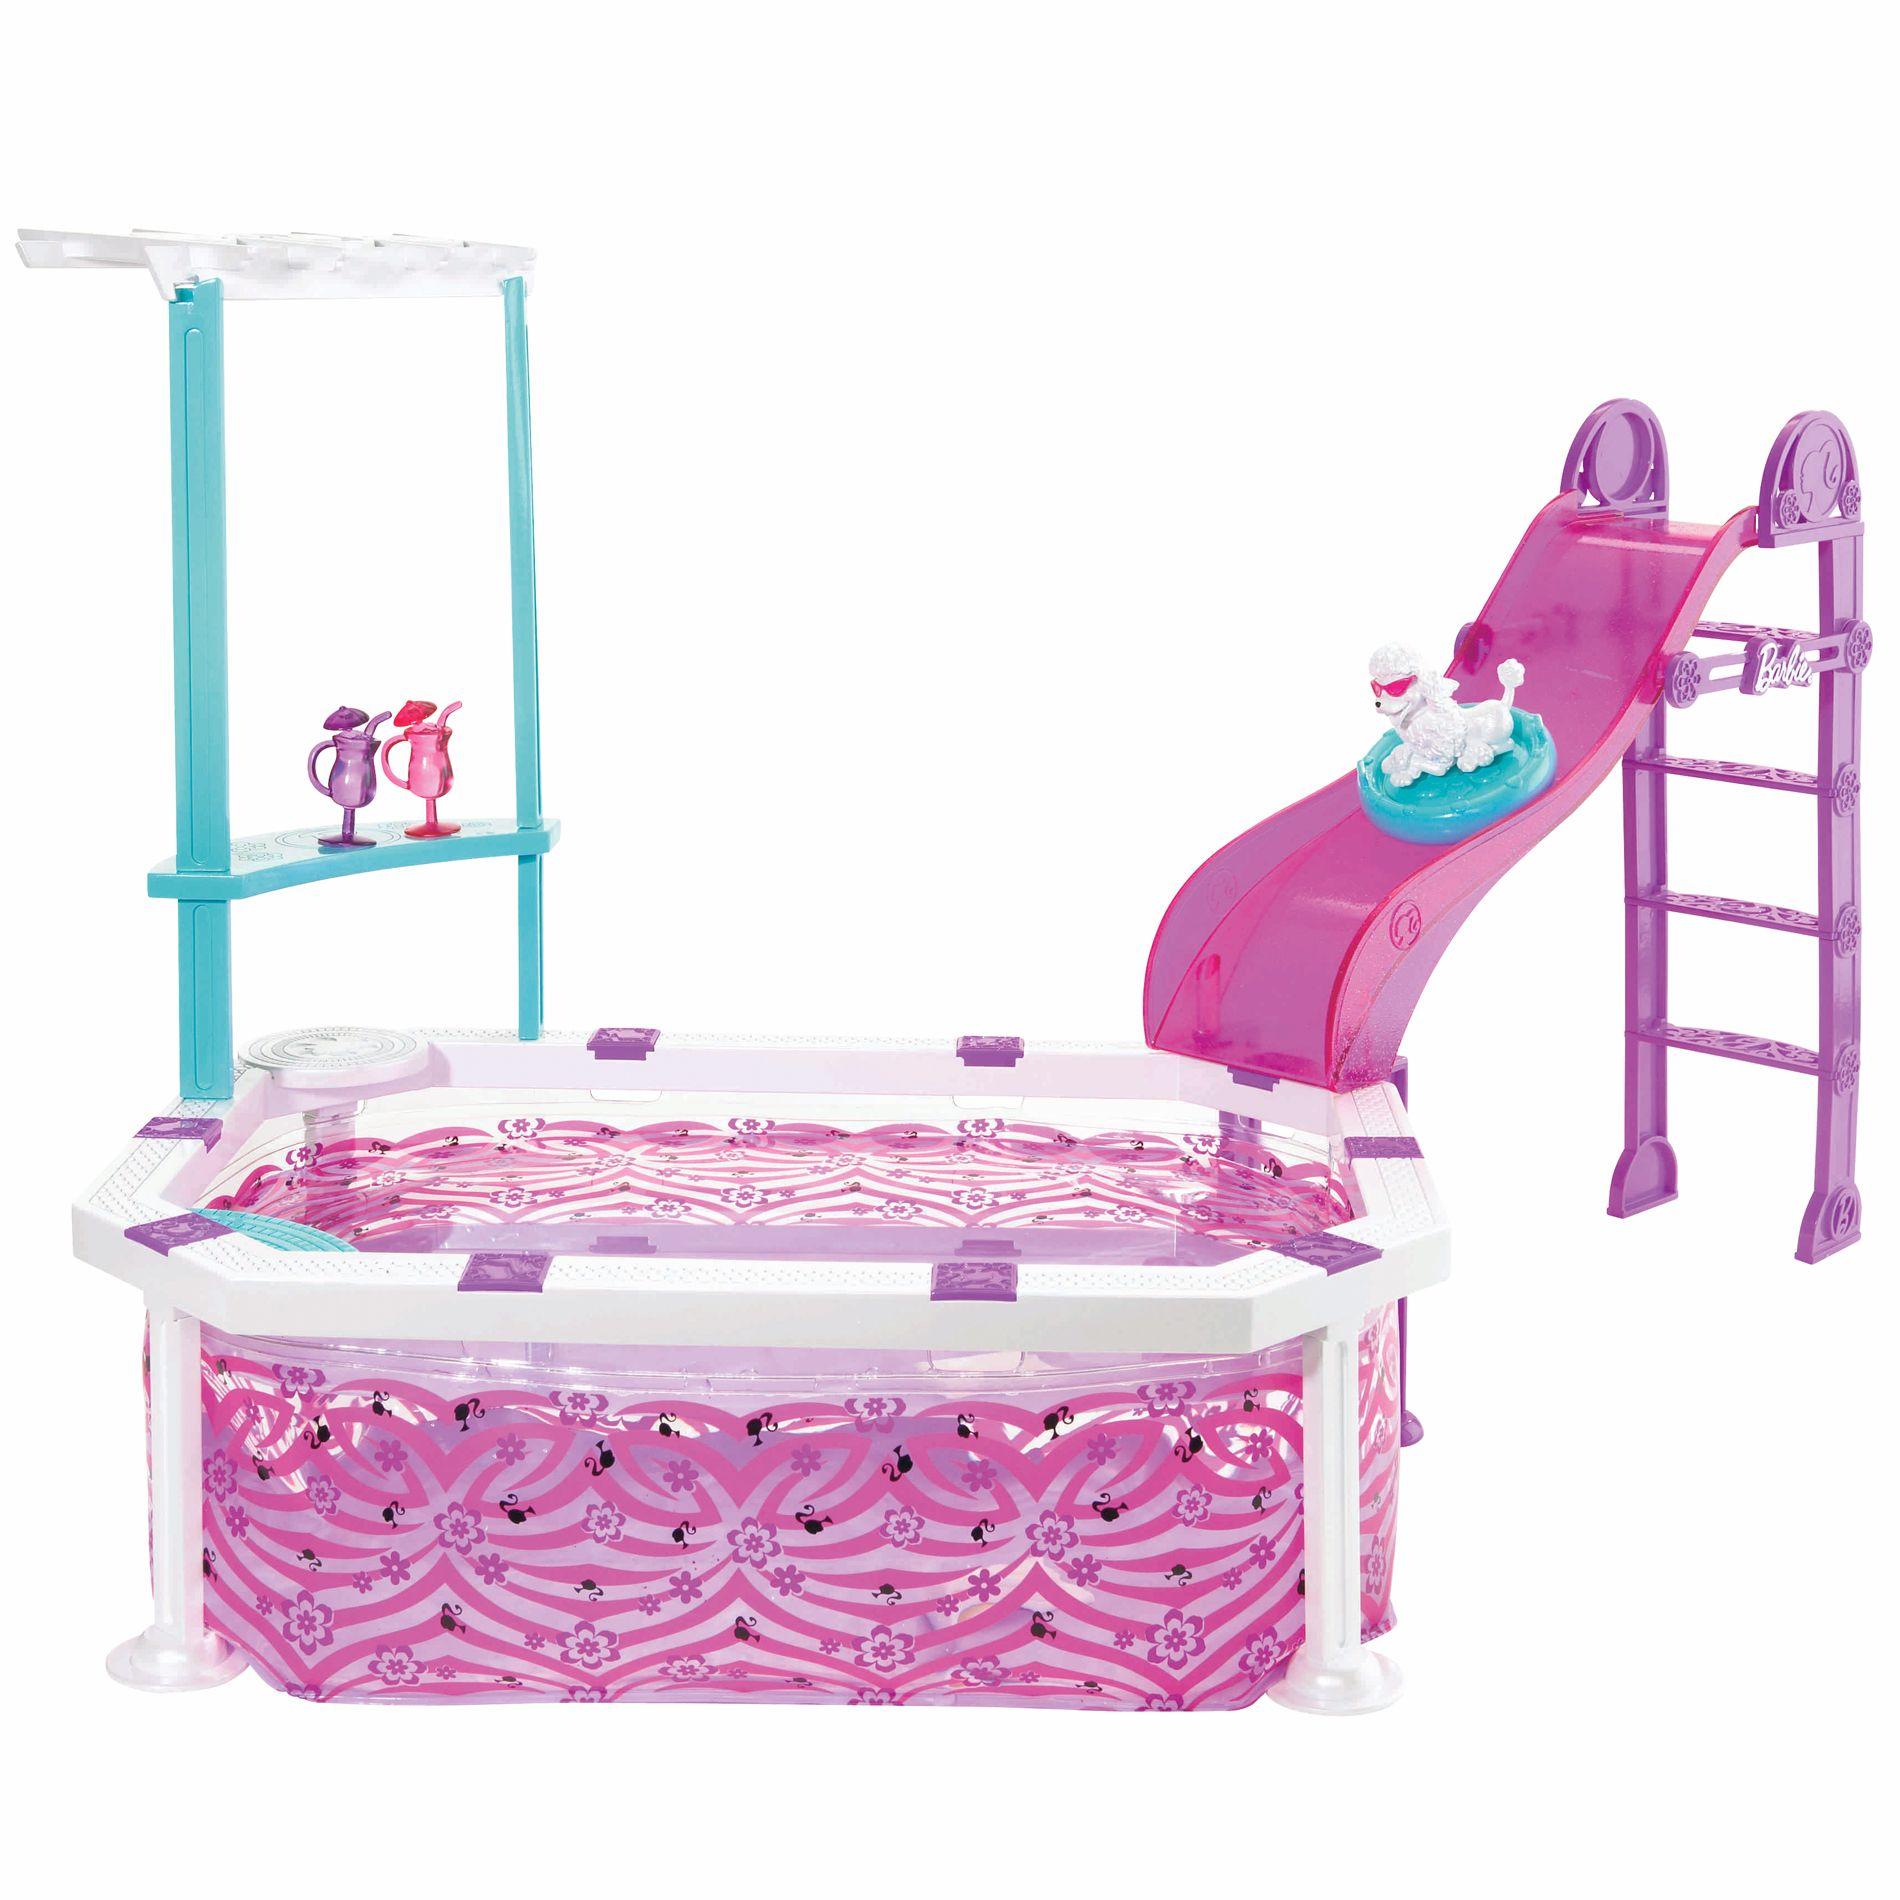 Barbie Glam Kitchen Set: Dolls & Accessories